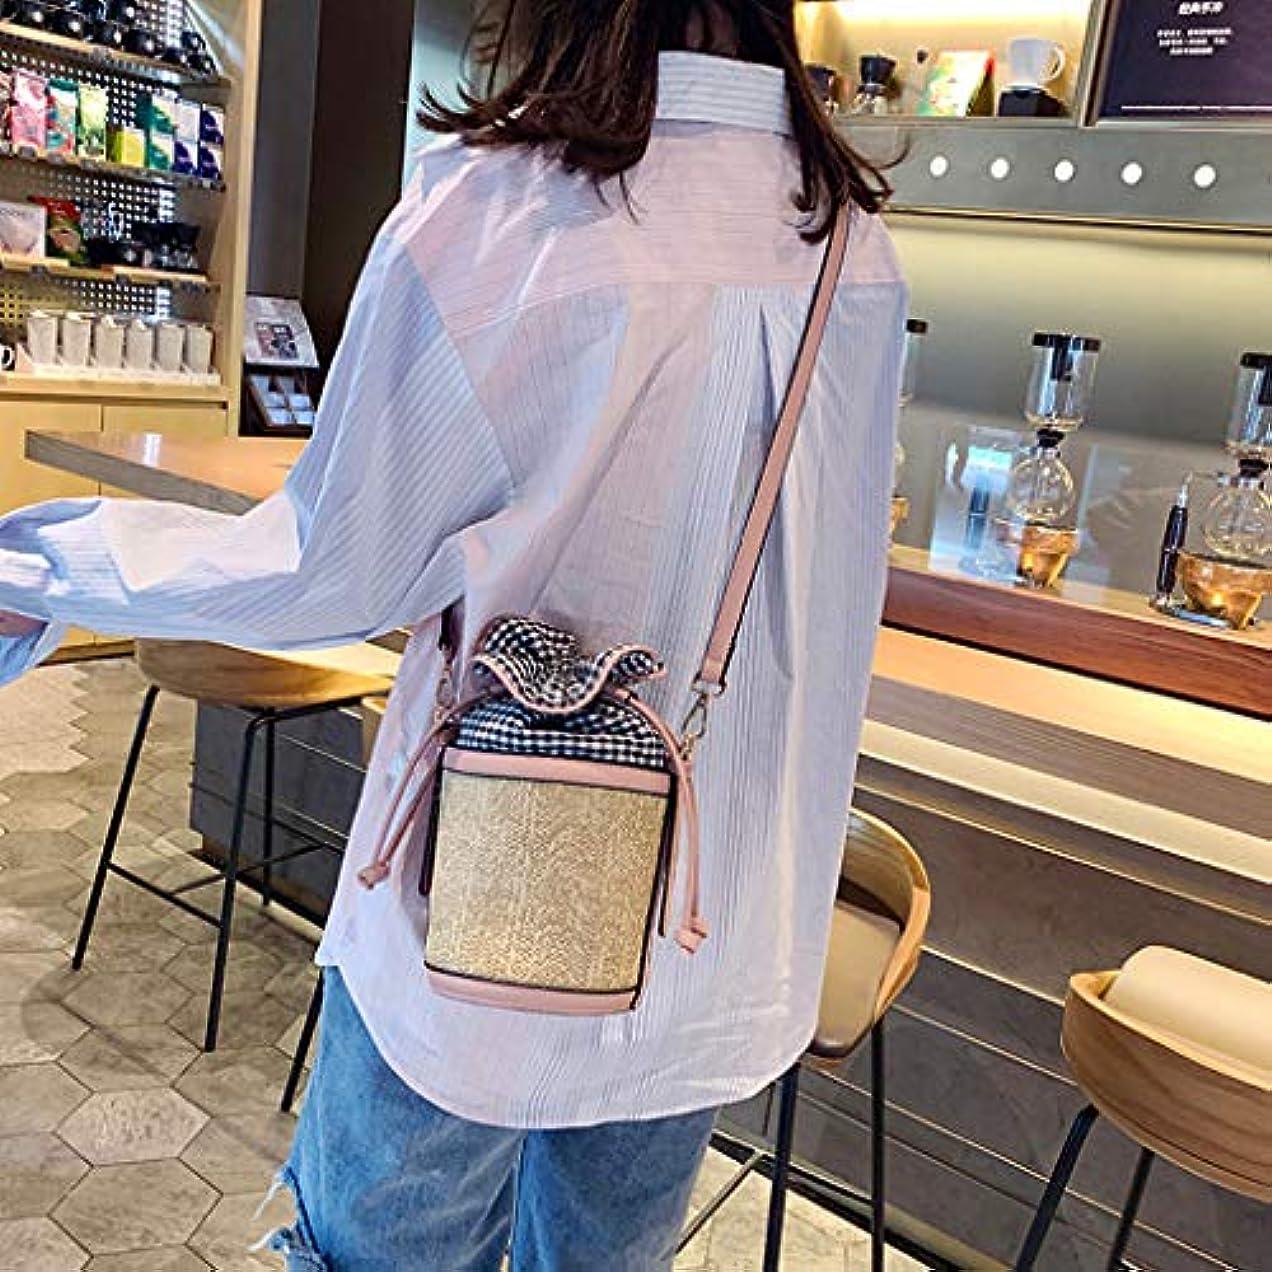 慎重天井霊ファッション女性レトロ織り格子革バケットバッグクロスボディバッグショルダーバッグ、女性のヴィンテージ織格子縞ステッチバケットバッグ斜めバッグ (ピンク)